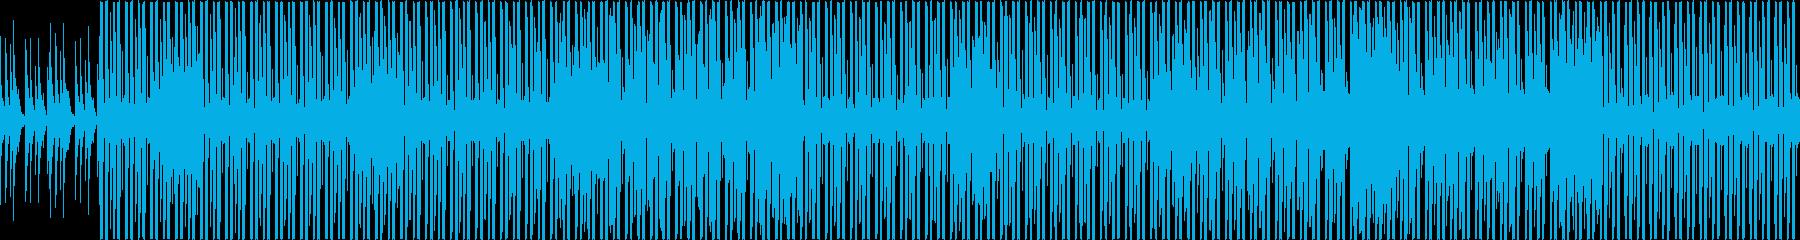 お洒落でクールな欧米クラブミュージックの再生済みの波形